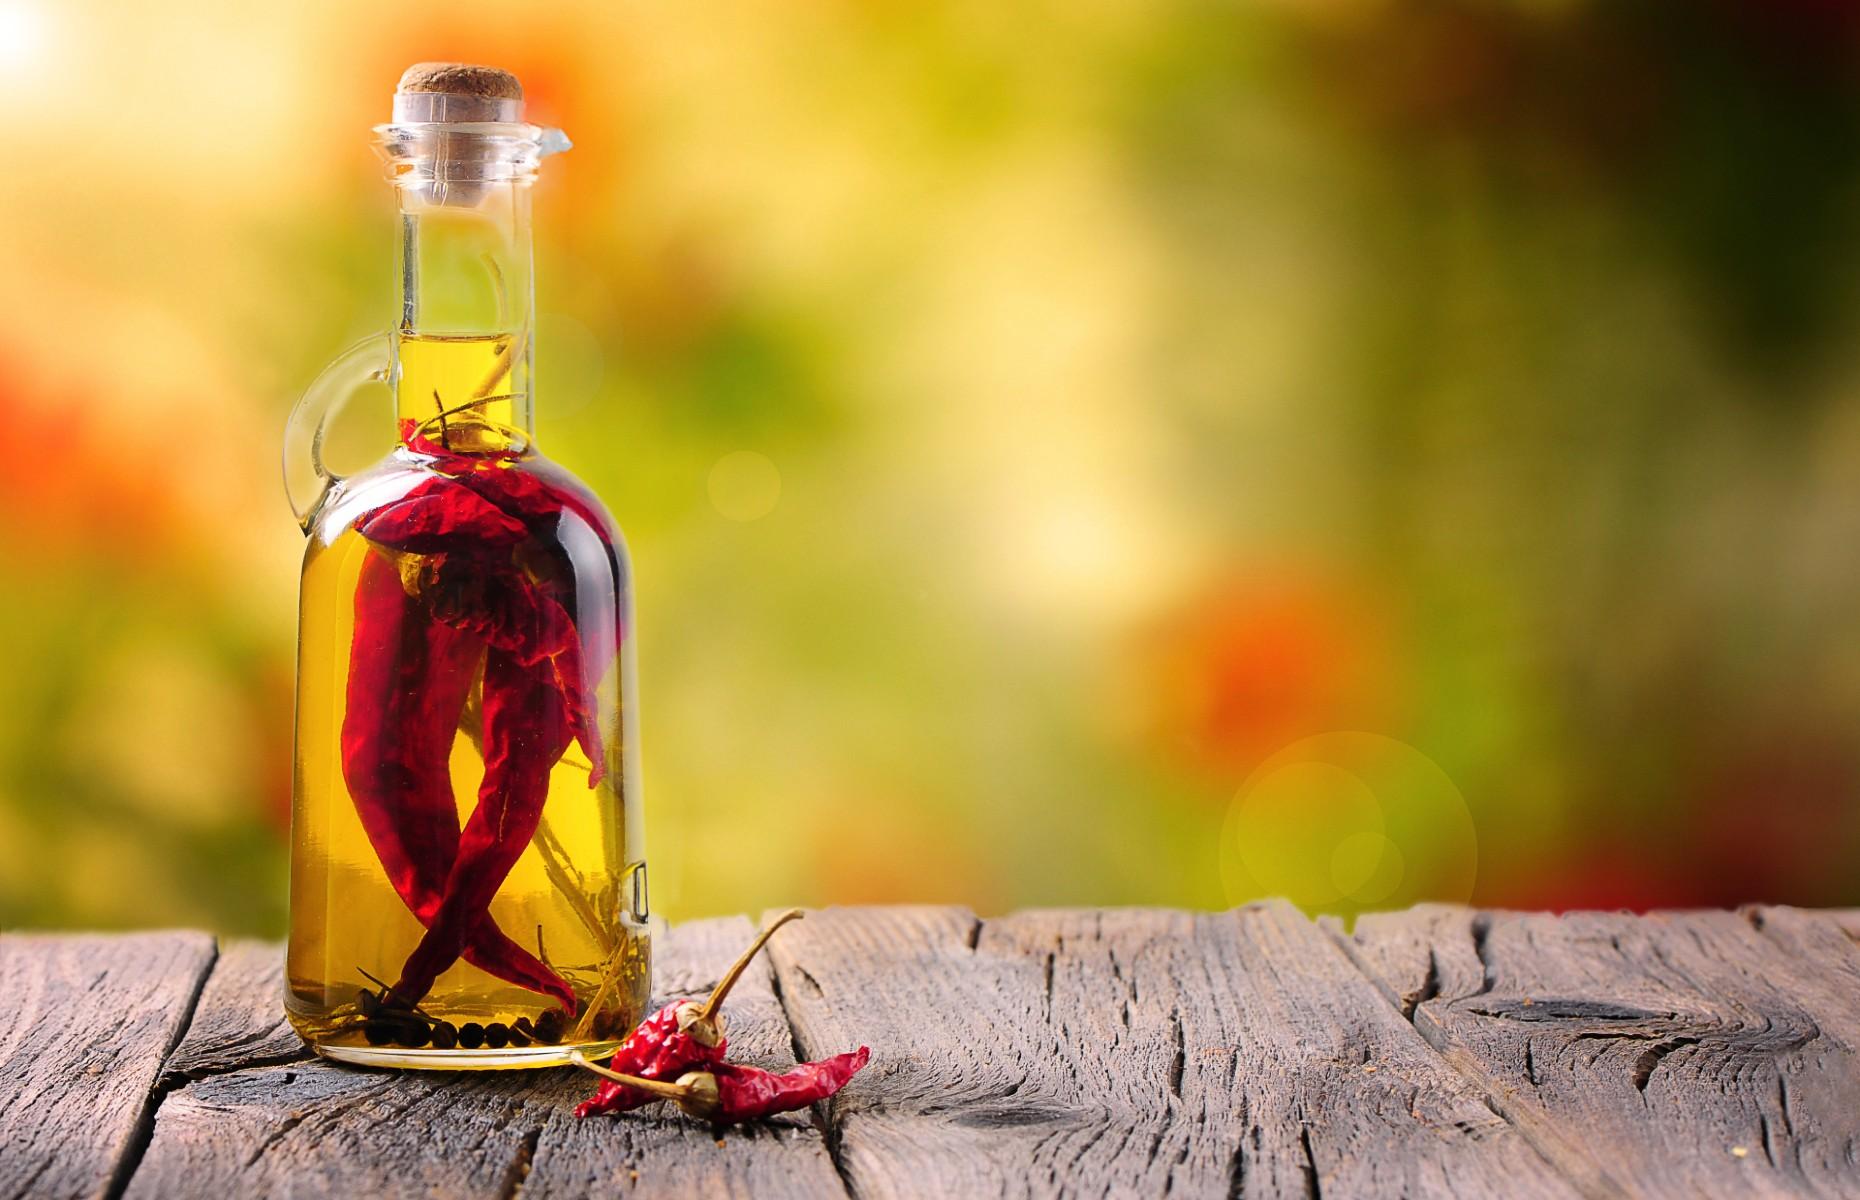 Chilli oil (Image: Fabio Balbi/Shutterstock)